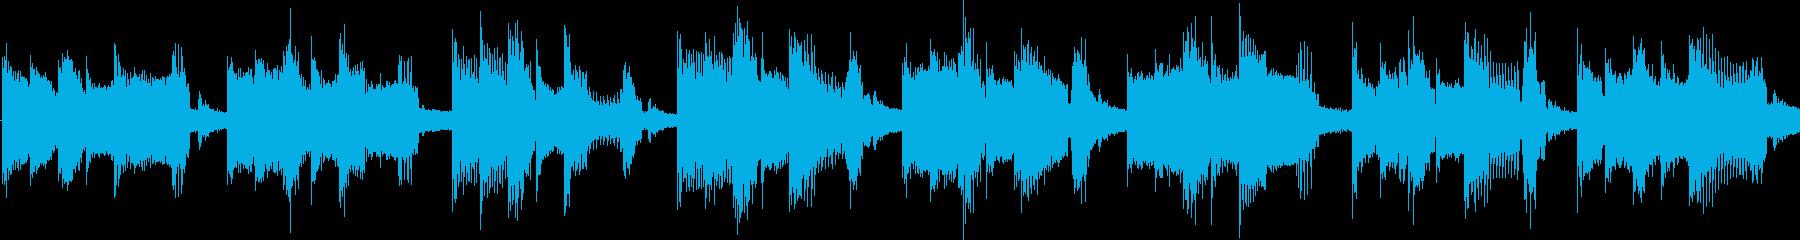 コミカルで軽快な子供向けジングル_ループの再生済みの波形